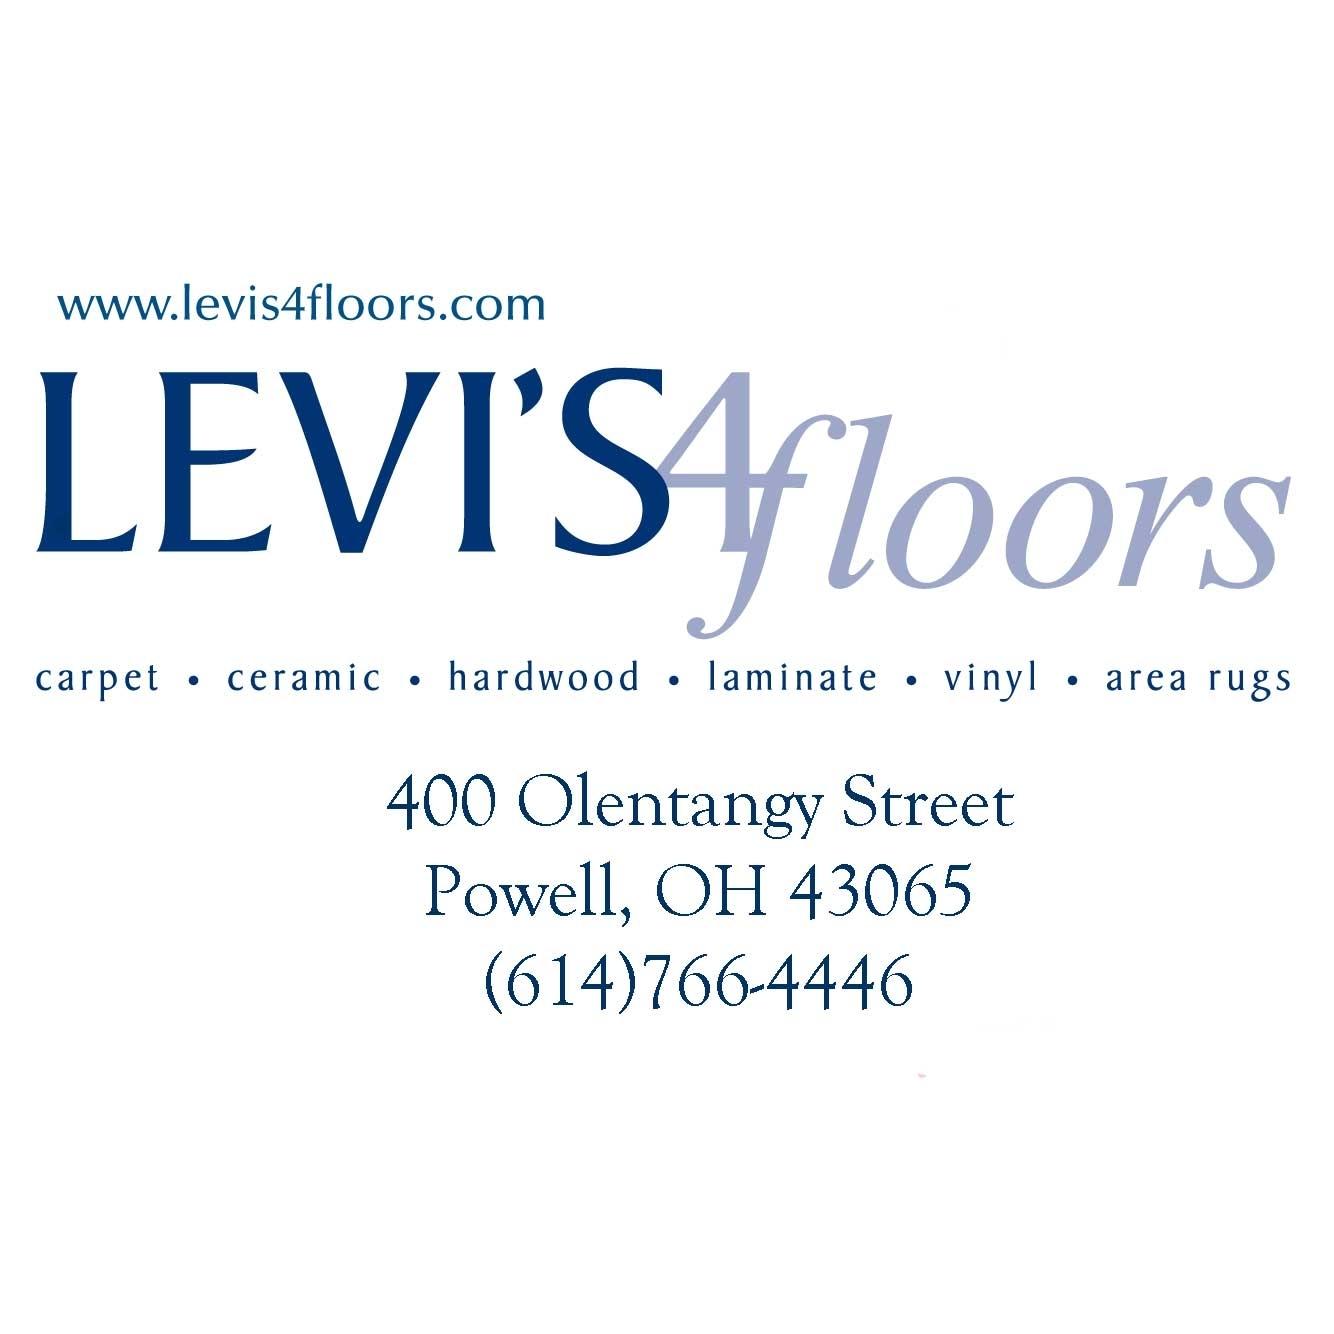 Levi's 4 Floors